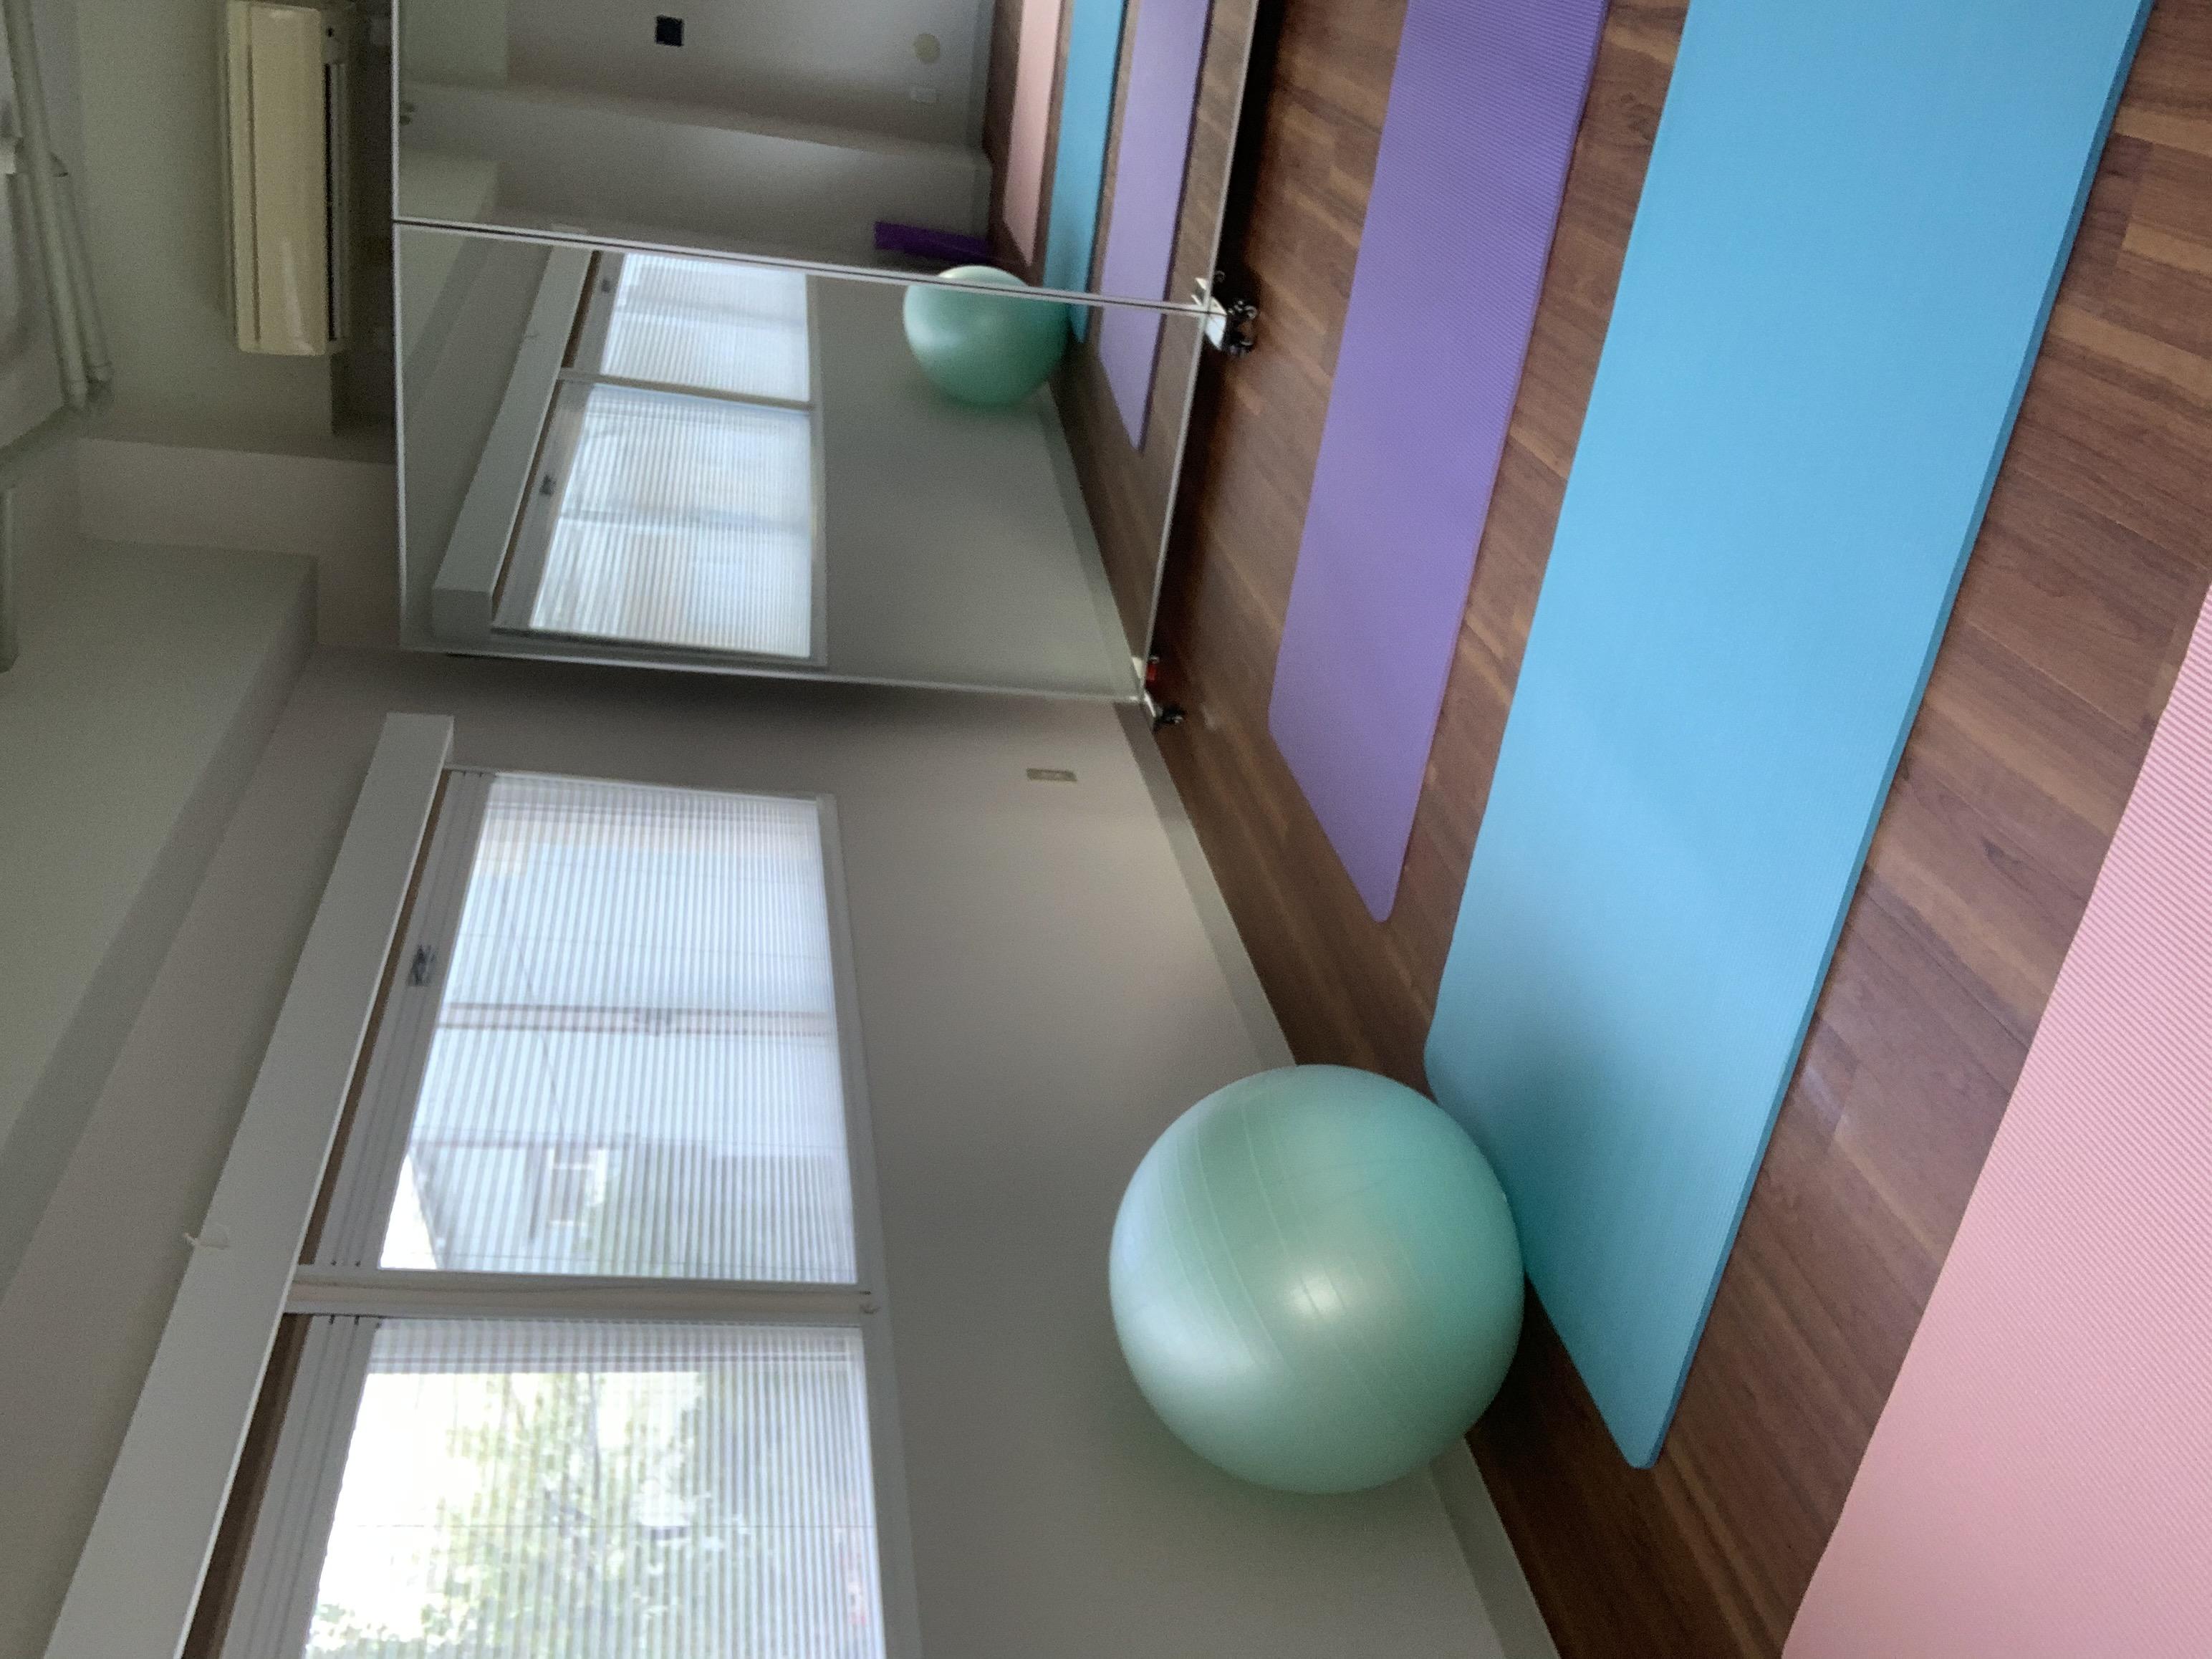 ヨガ用スベース - wingsky Tokyo 9号室の室内の写真